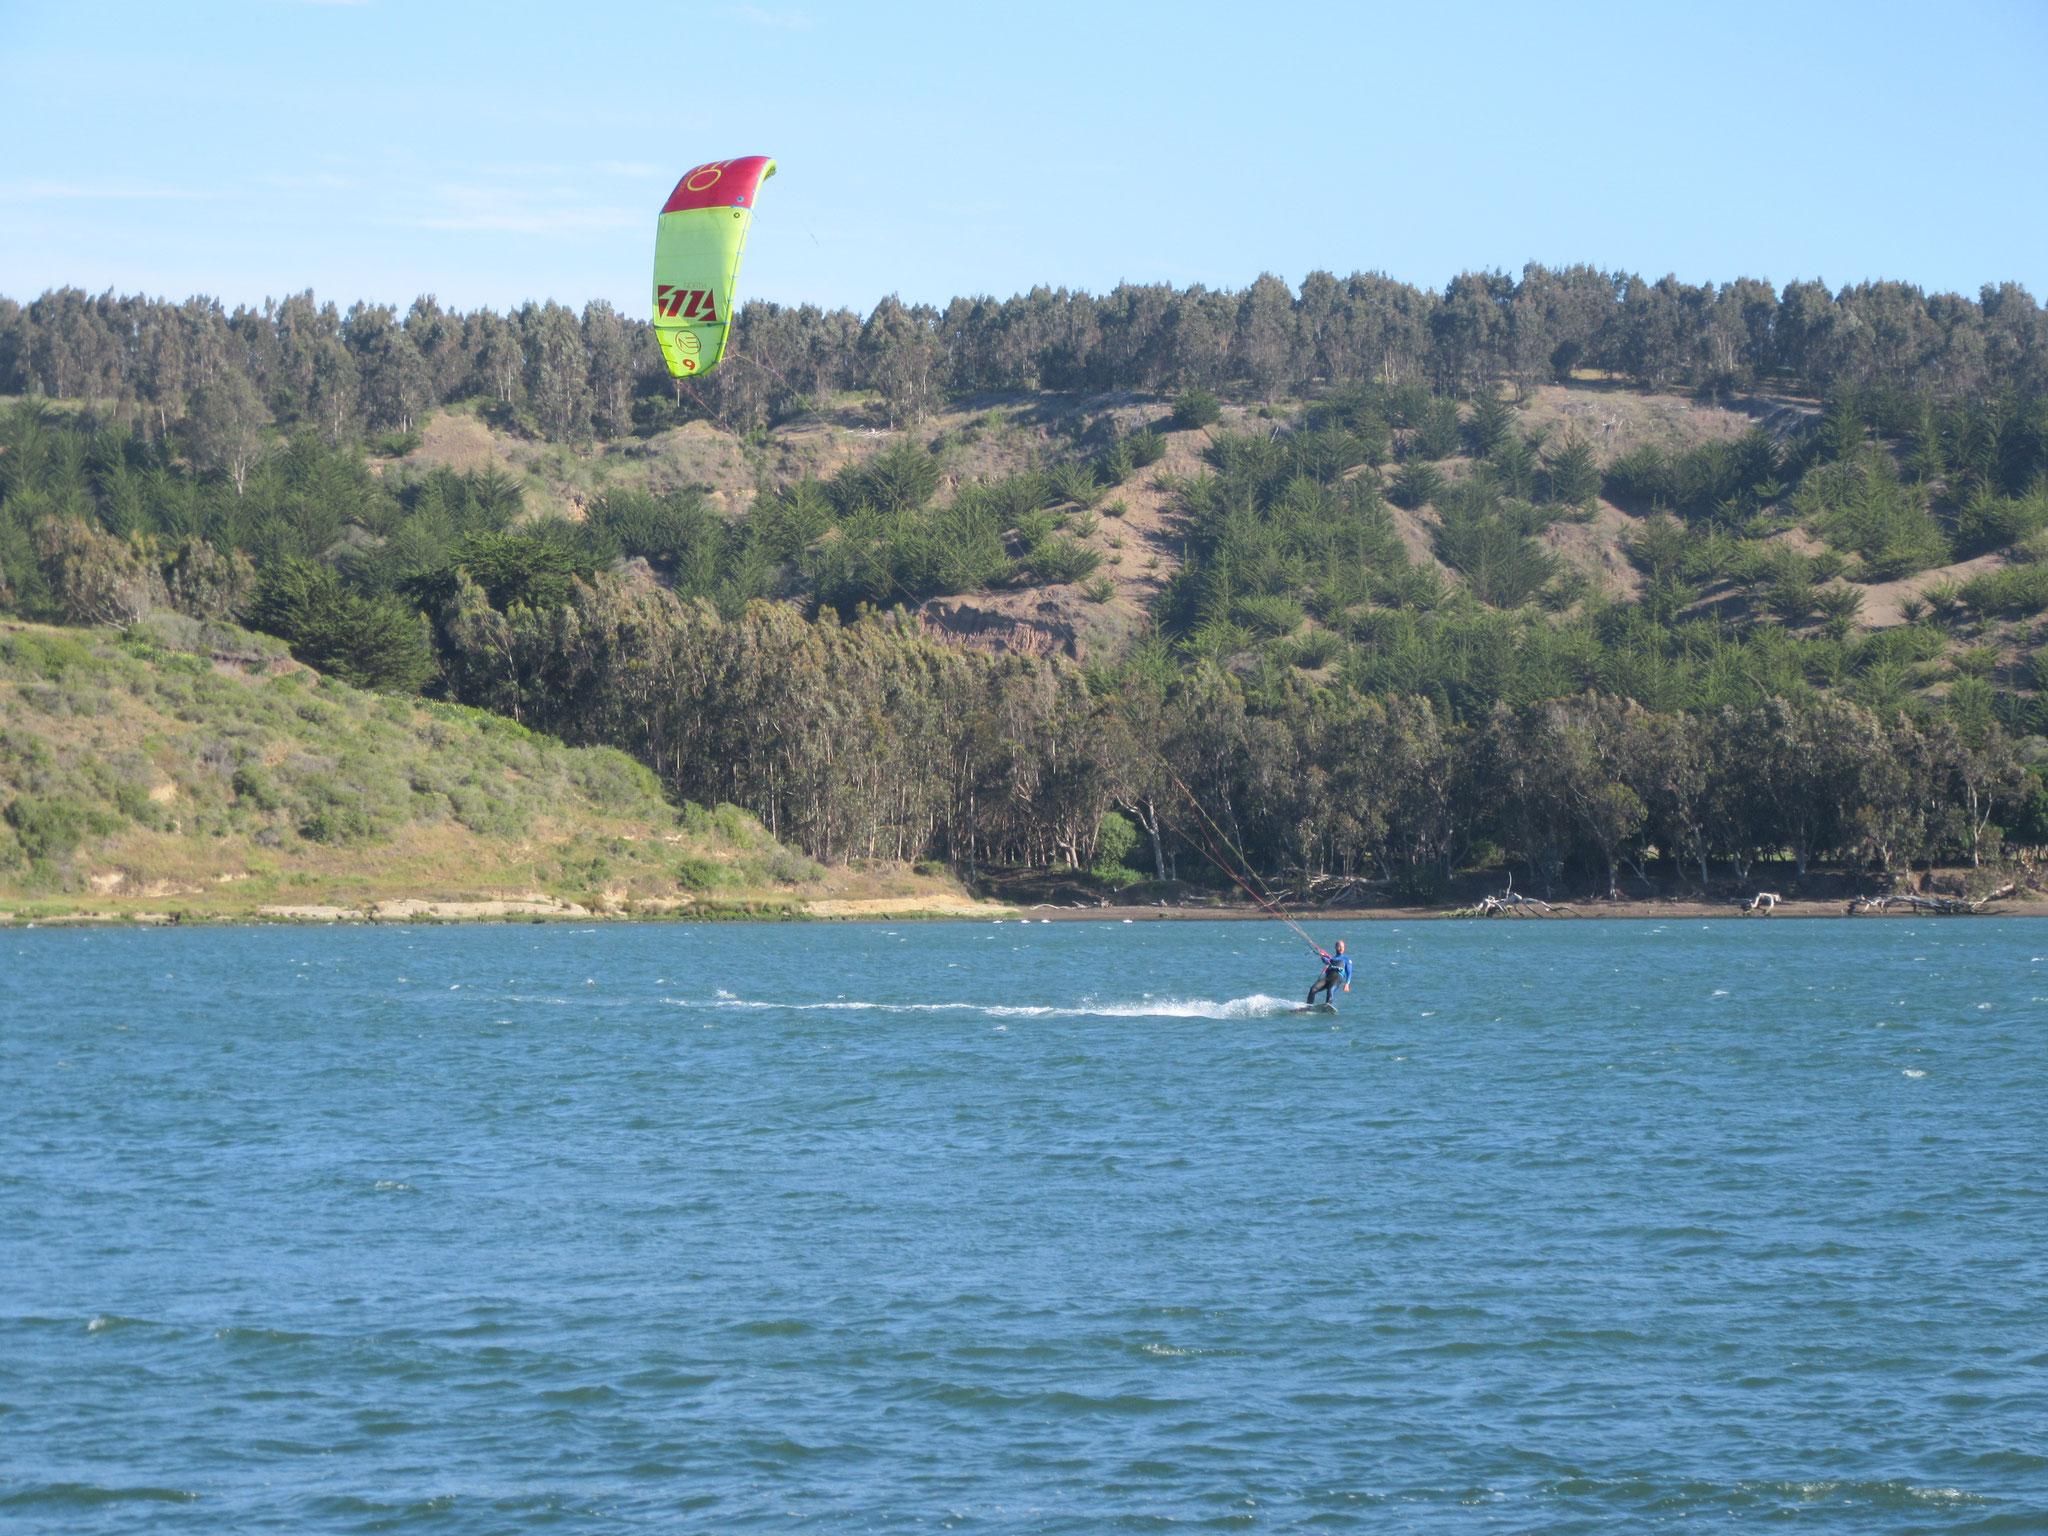 Kitesurfing in La Boca